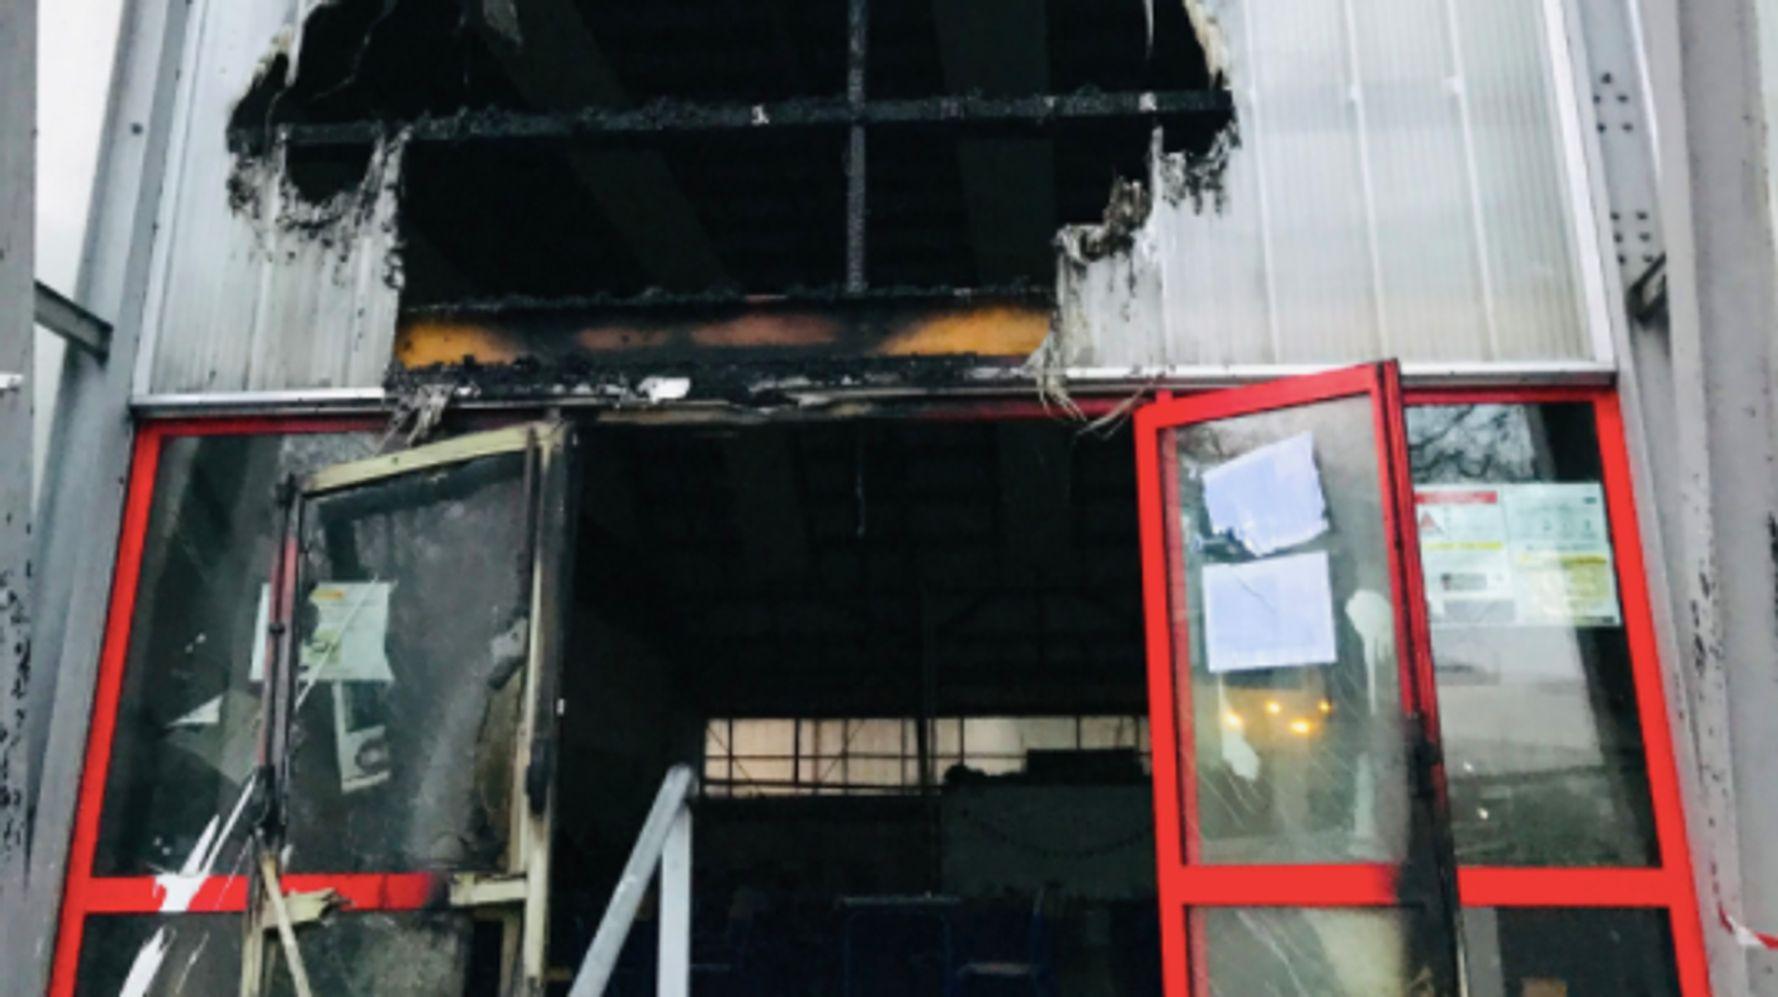 À l'université de Nantes, des examens repoussés après un incendie volontaire